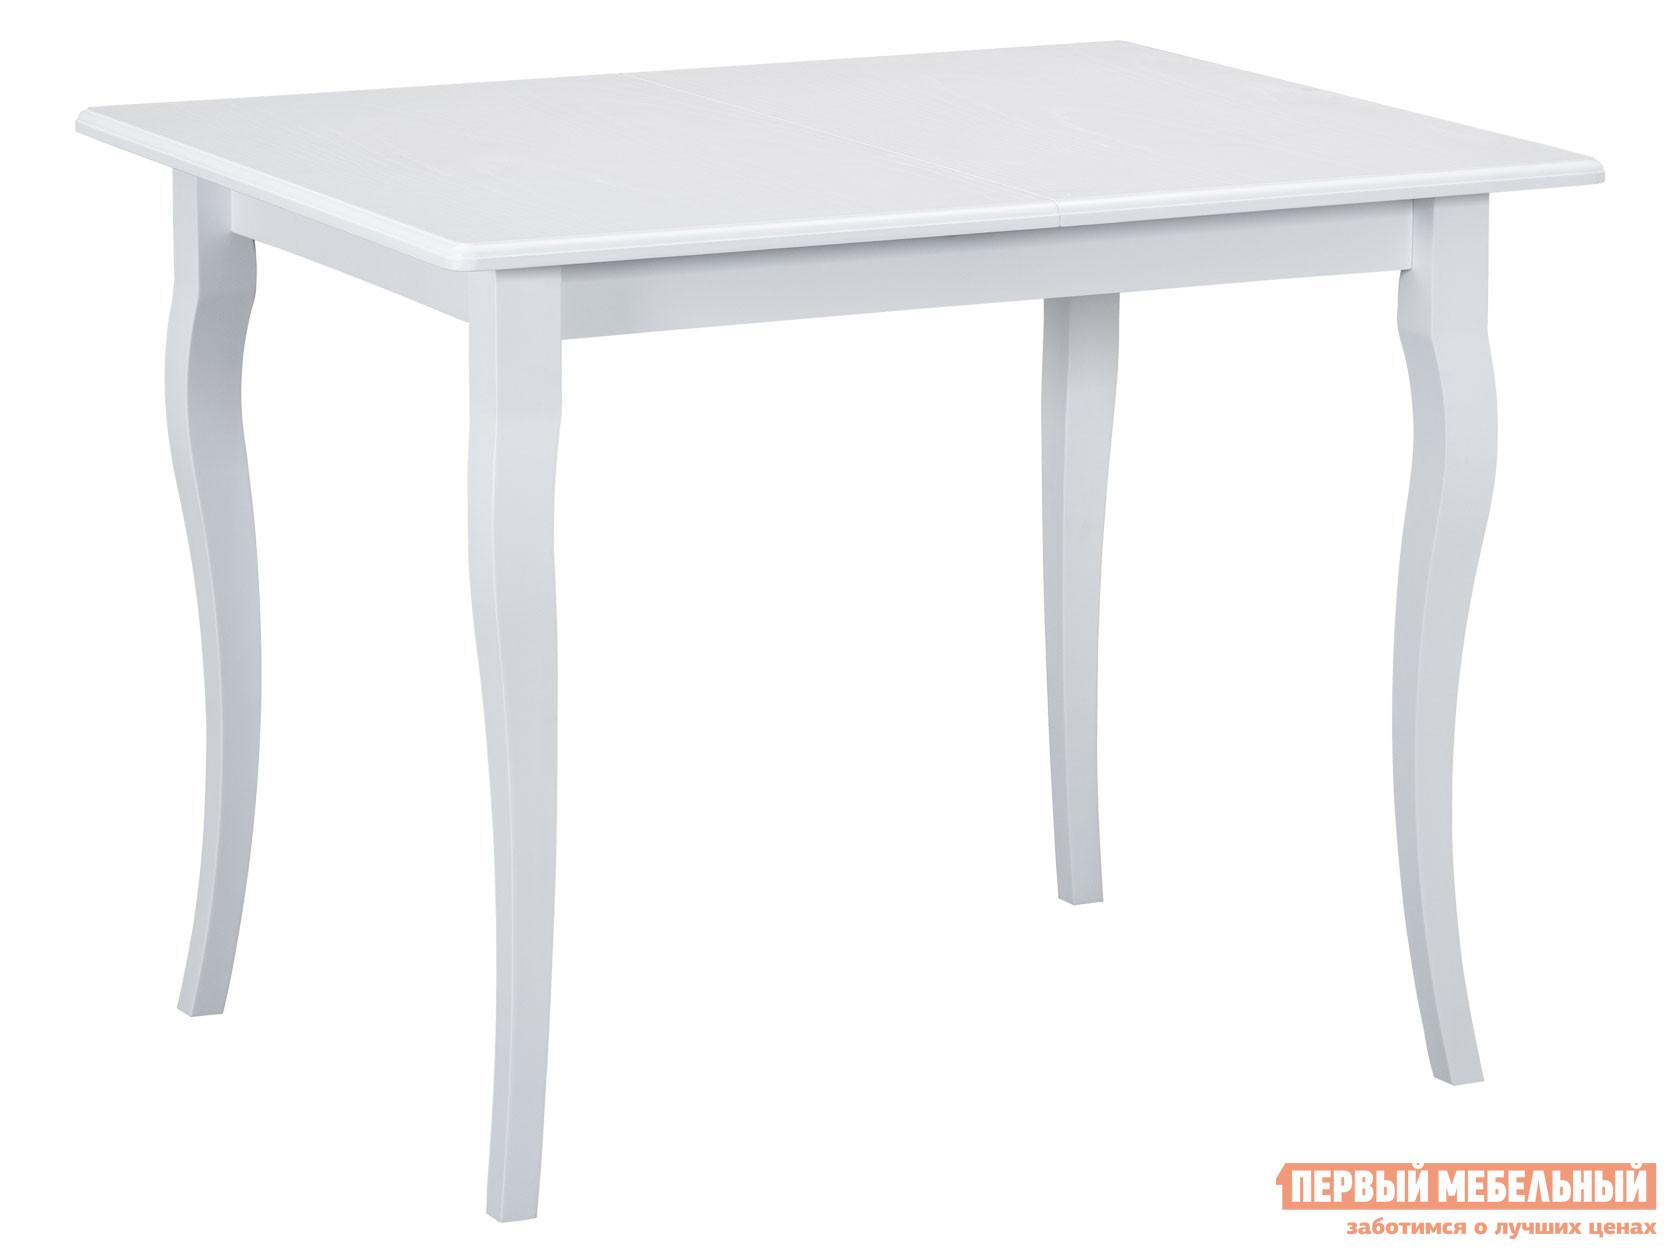 Кухонный стол  Обеденный Leonardo 1000 Белый Stolmann 137732